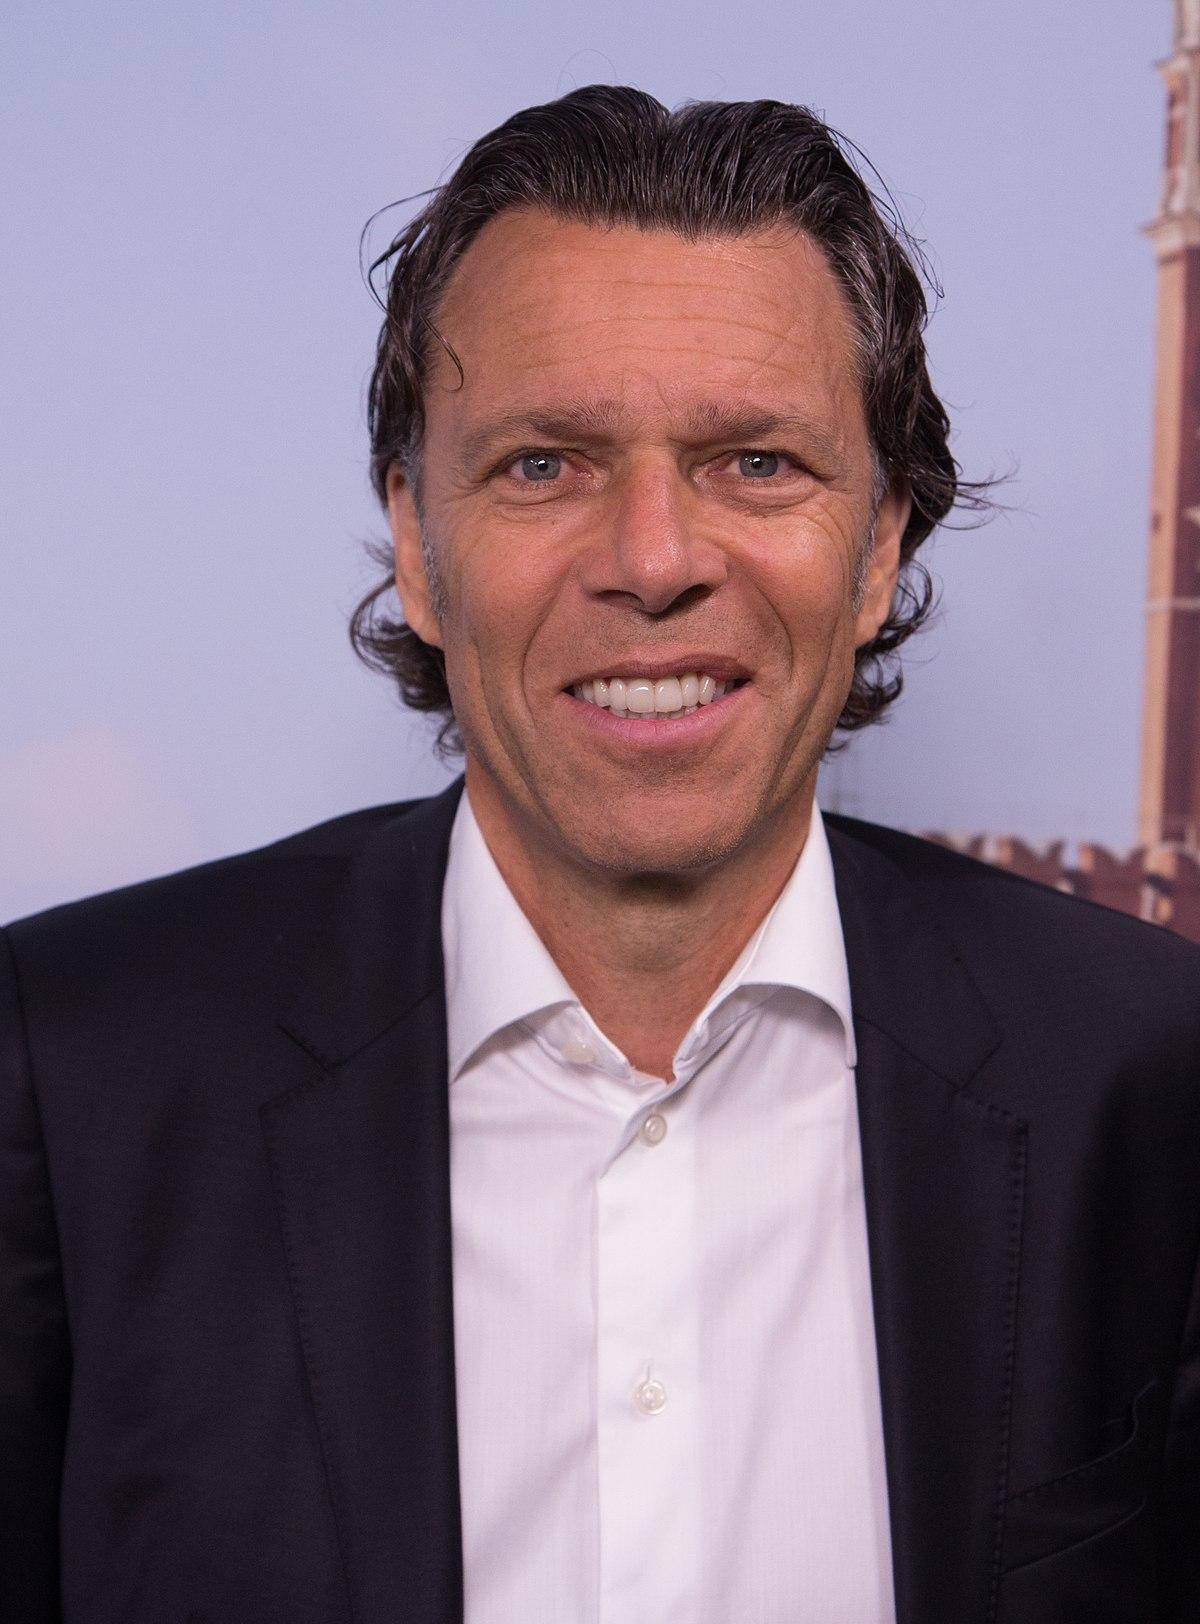 Urs Meier (Fussballschiedsrichter)